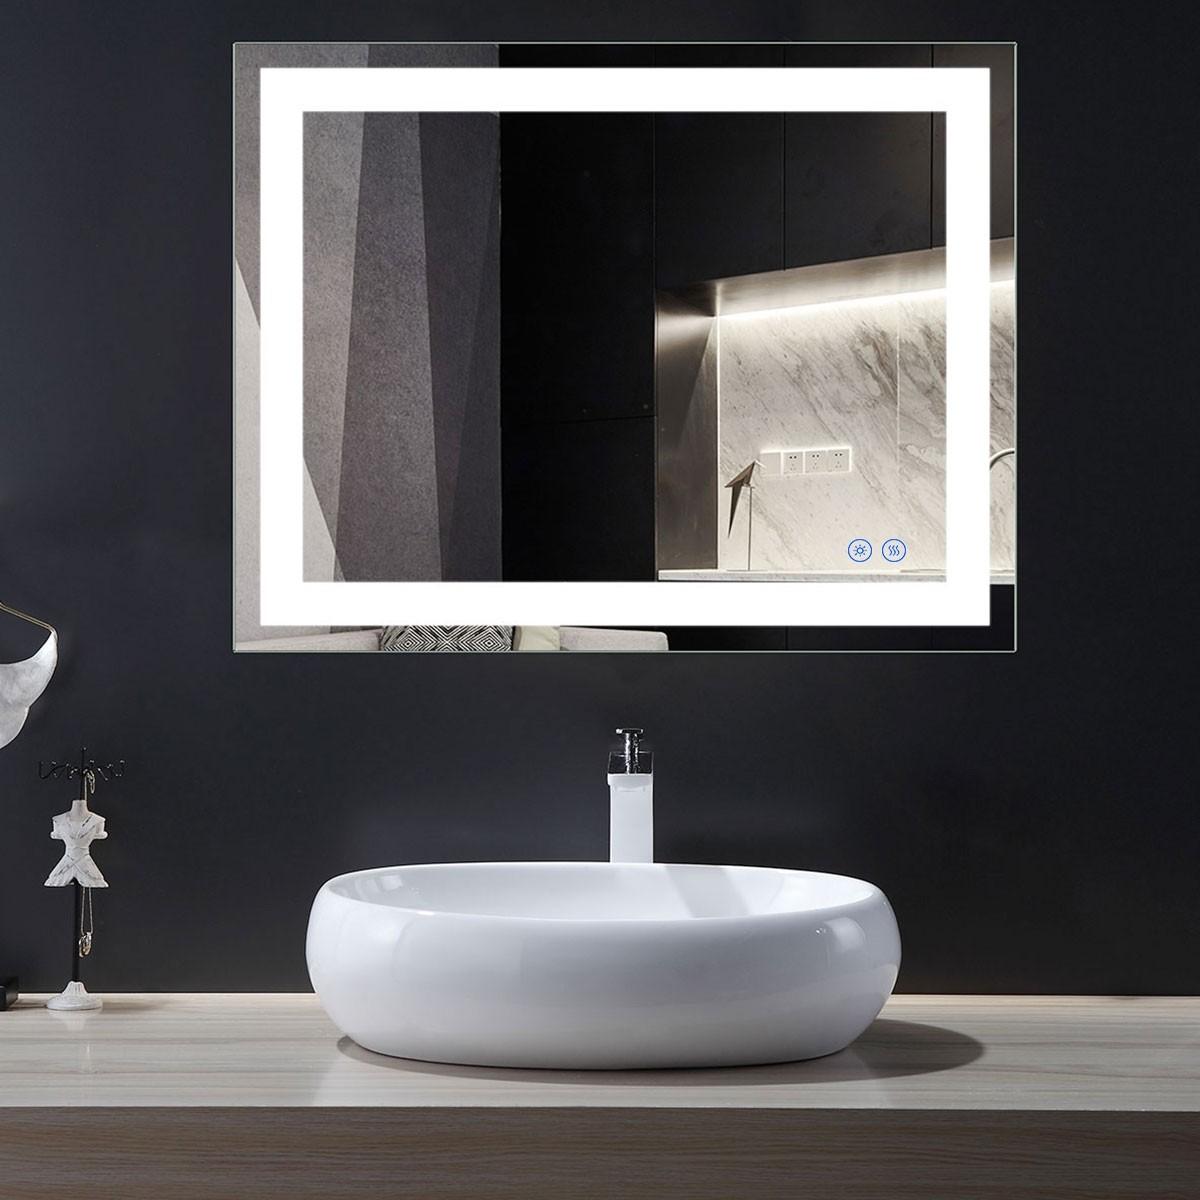 DECORAPORT 36 x 28 Po Miroir de Salle de Bain LED avec Bouton Tactile, Anti-Buée, Luminosité Réglable, Montage Vertical & Horizontal (CT13-3628)